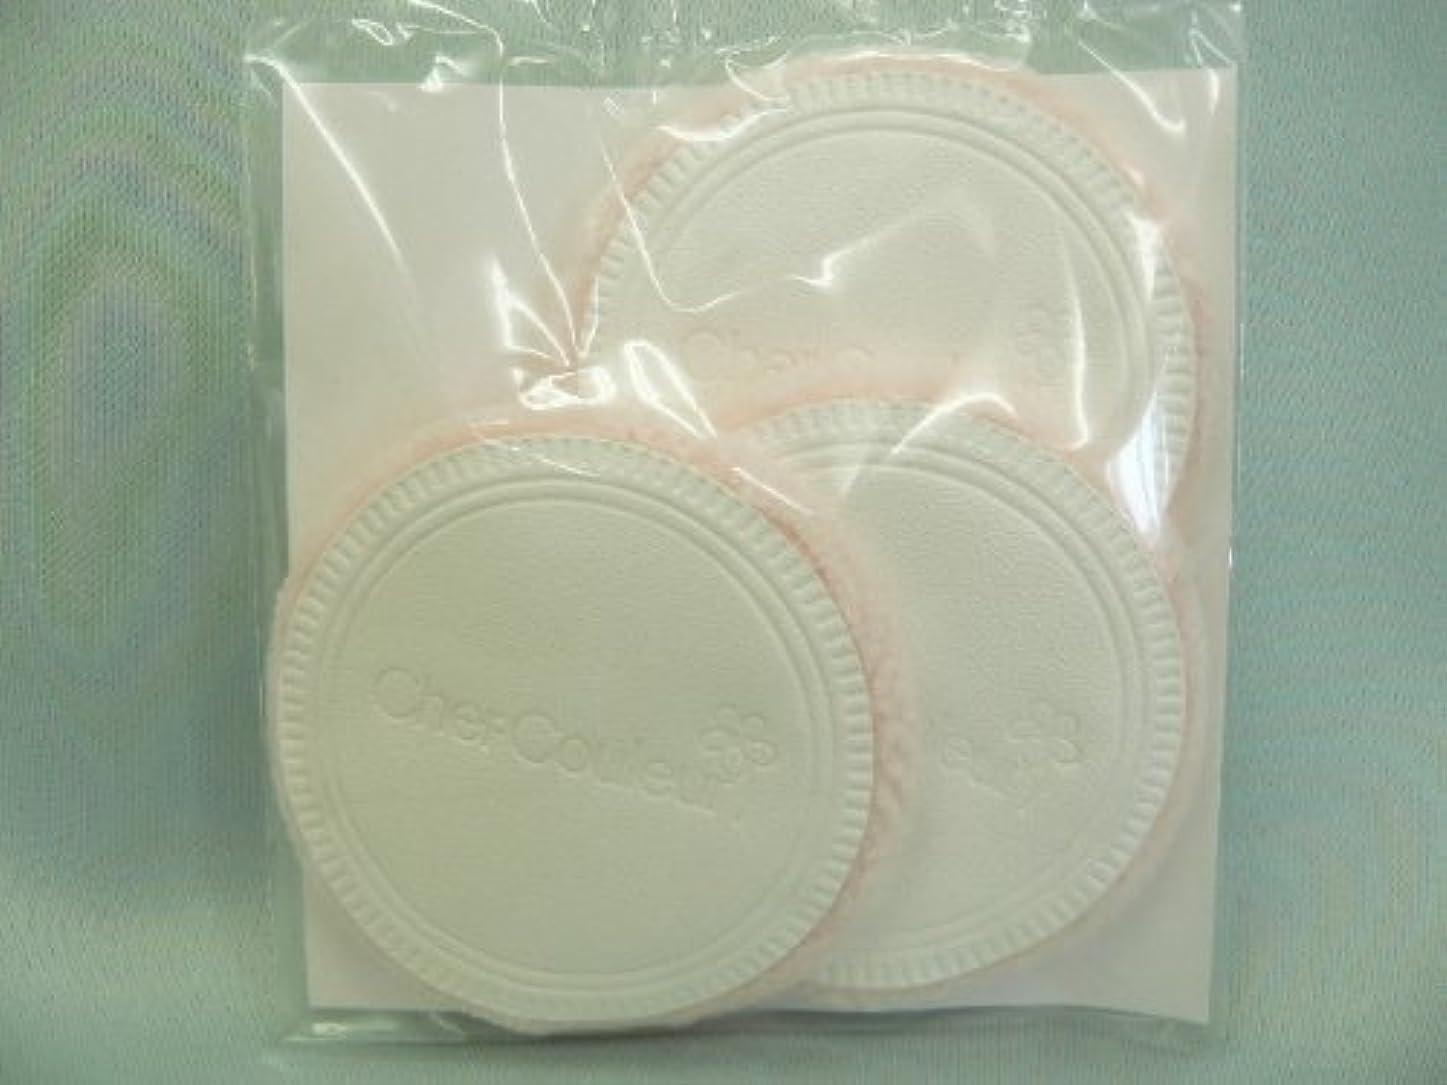 衝突羊飼いの面ではシェルクルール化粧品プロテクトパウダー専用ケース(パフ付き)